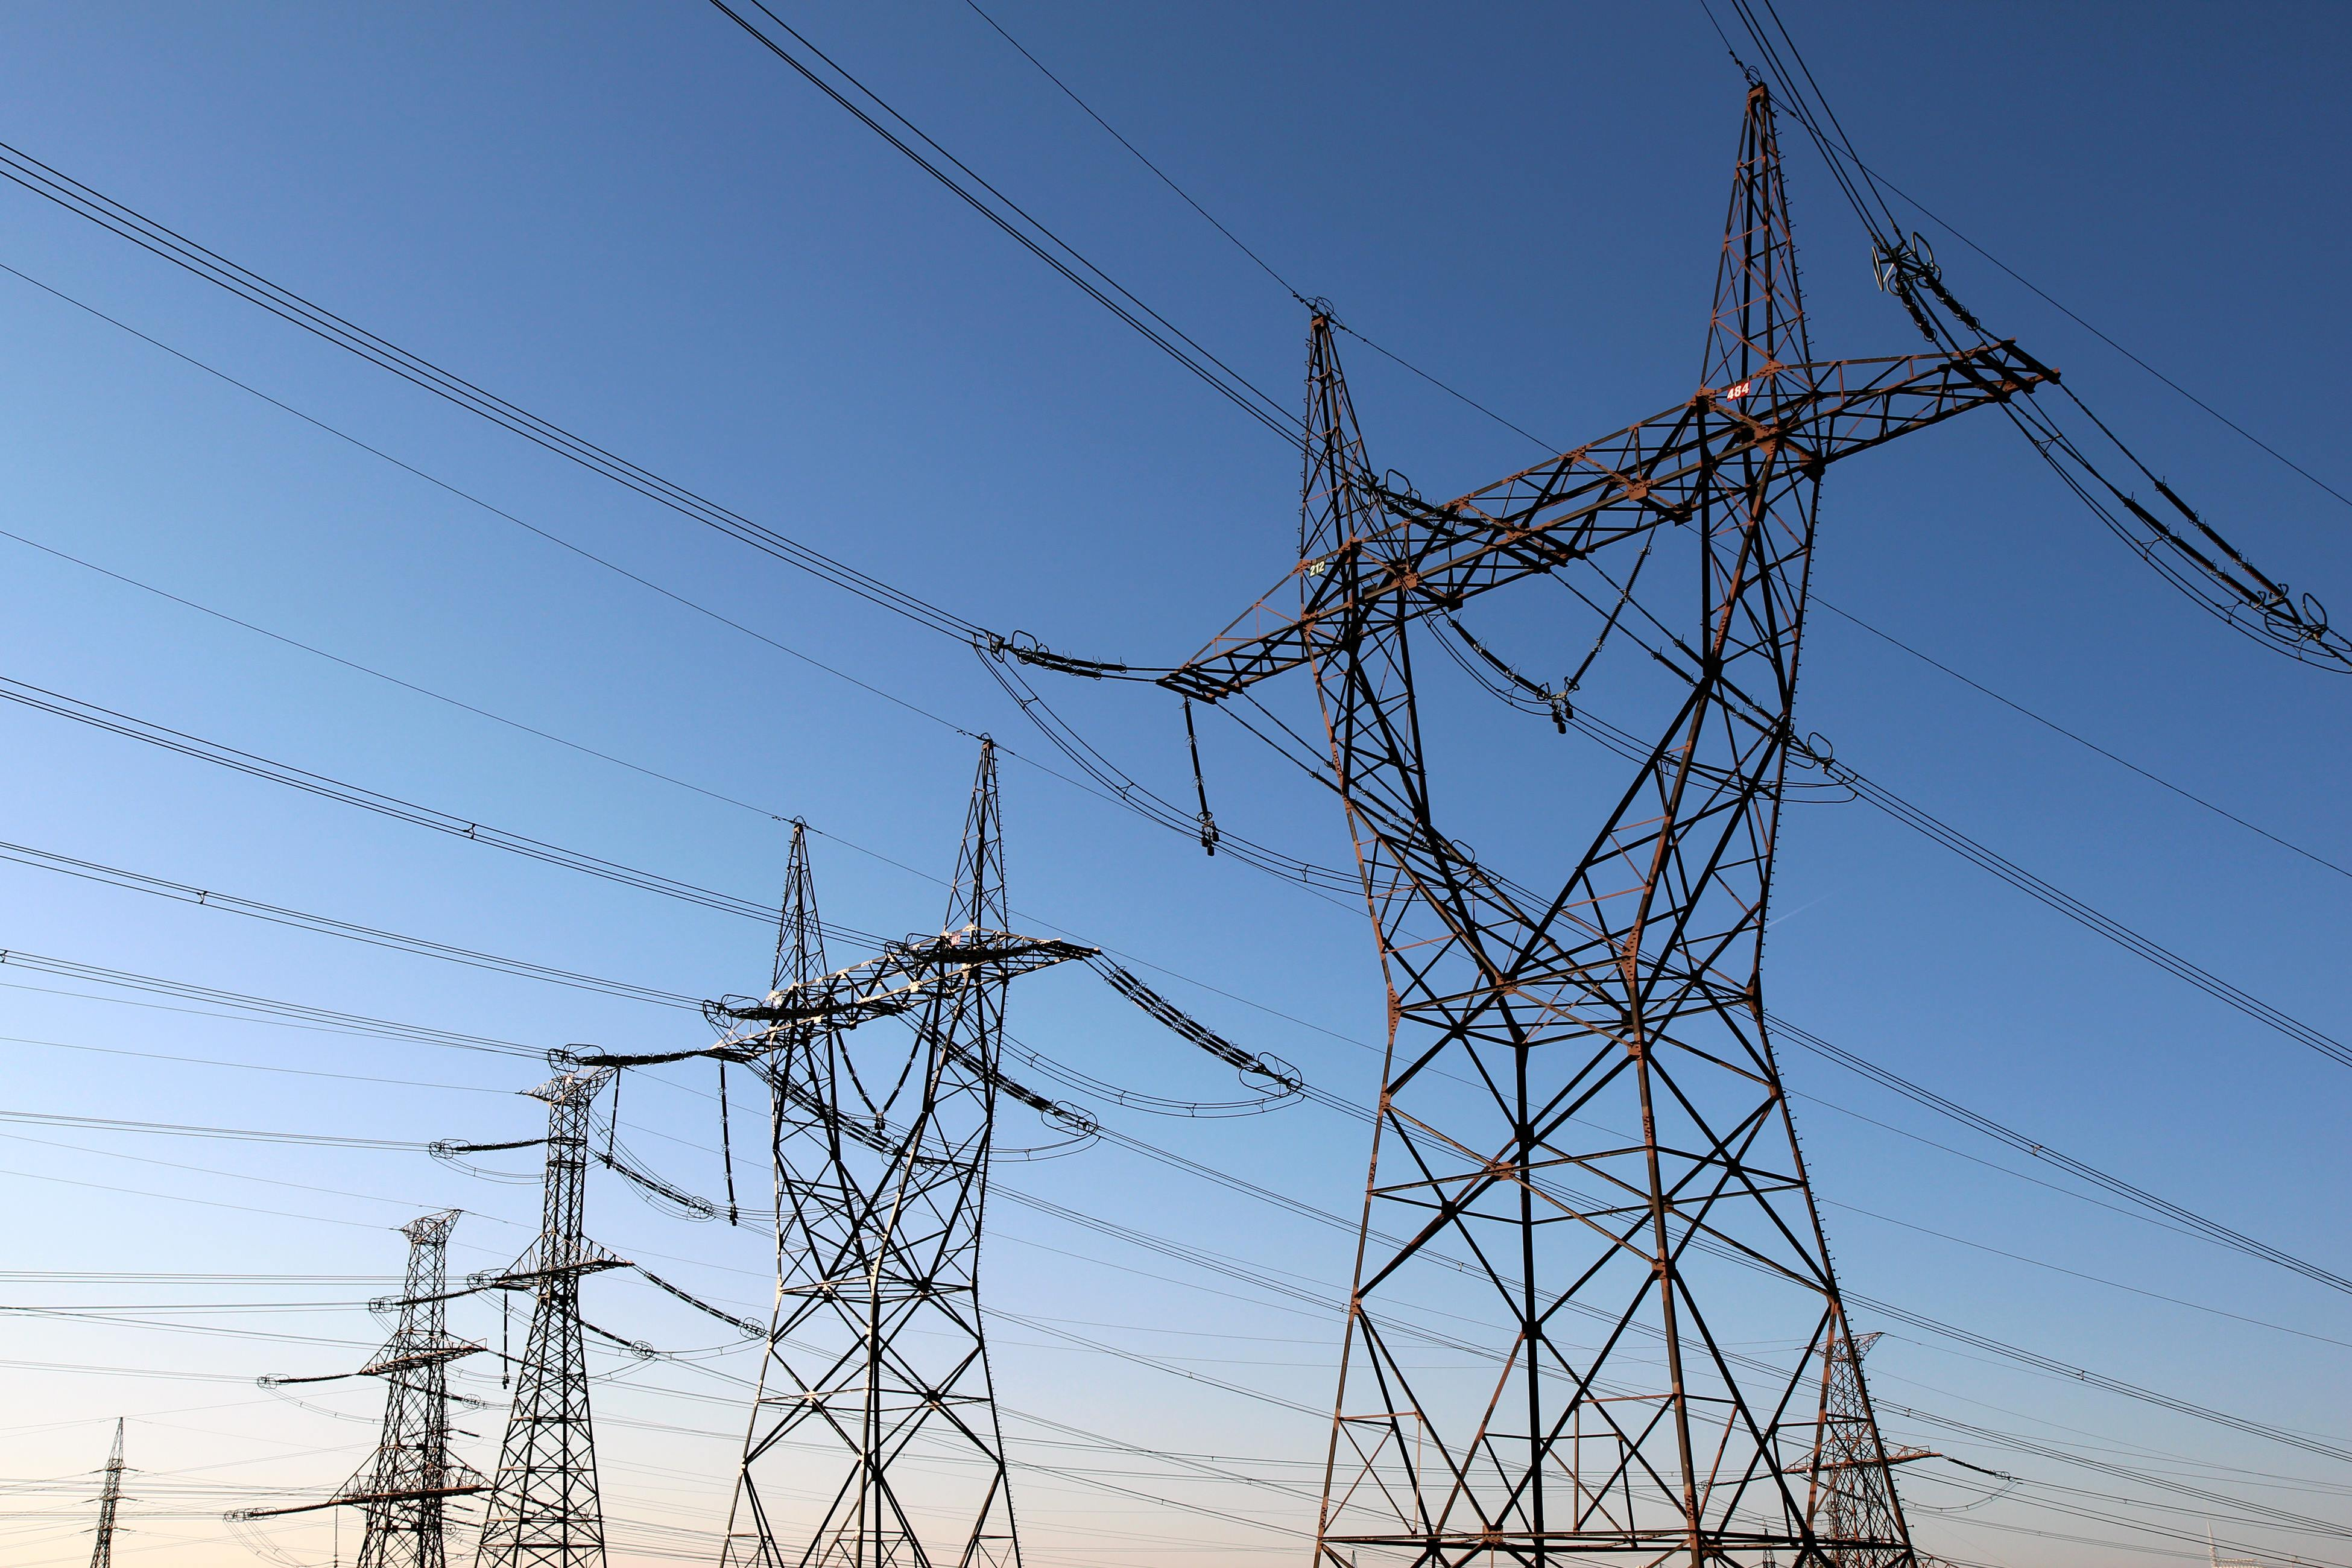 Укргазвидобування оголошує збір комерційних пропозицій на послуги з постачання електричної енергії